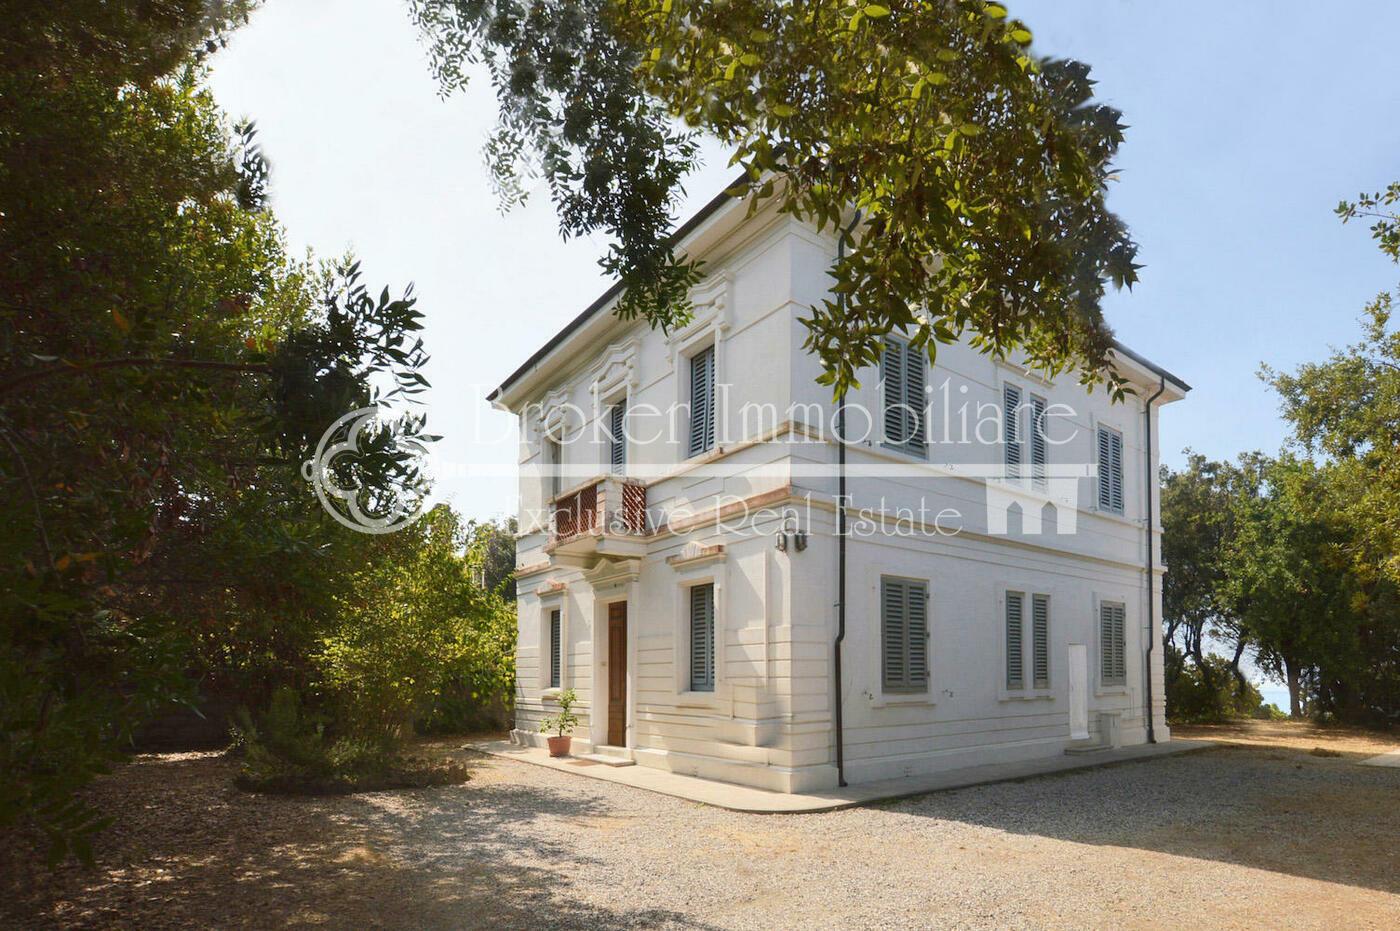 Villa in vendita a Quercianella in stile Liberty con discesa privata al mare